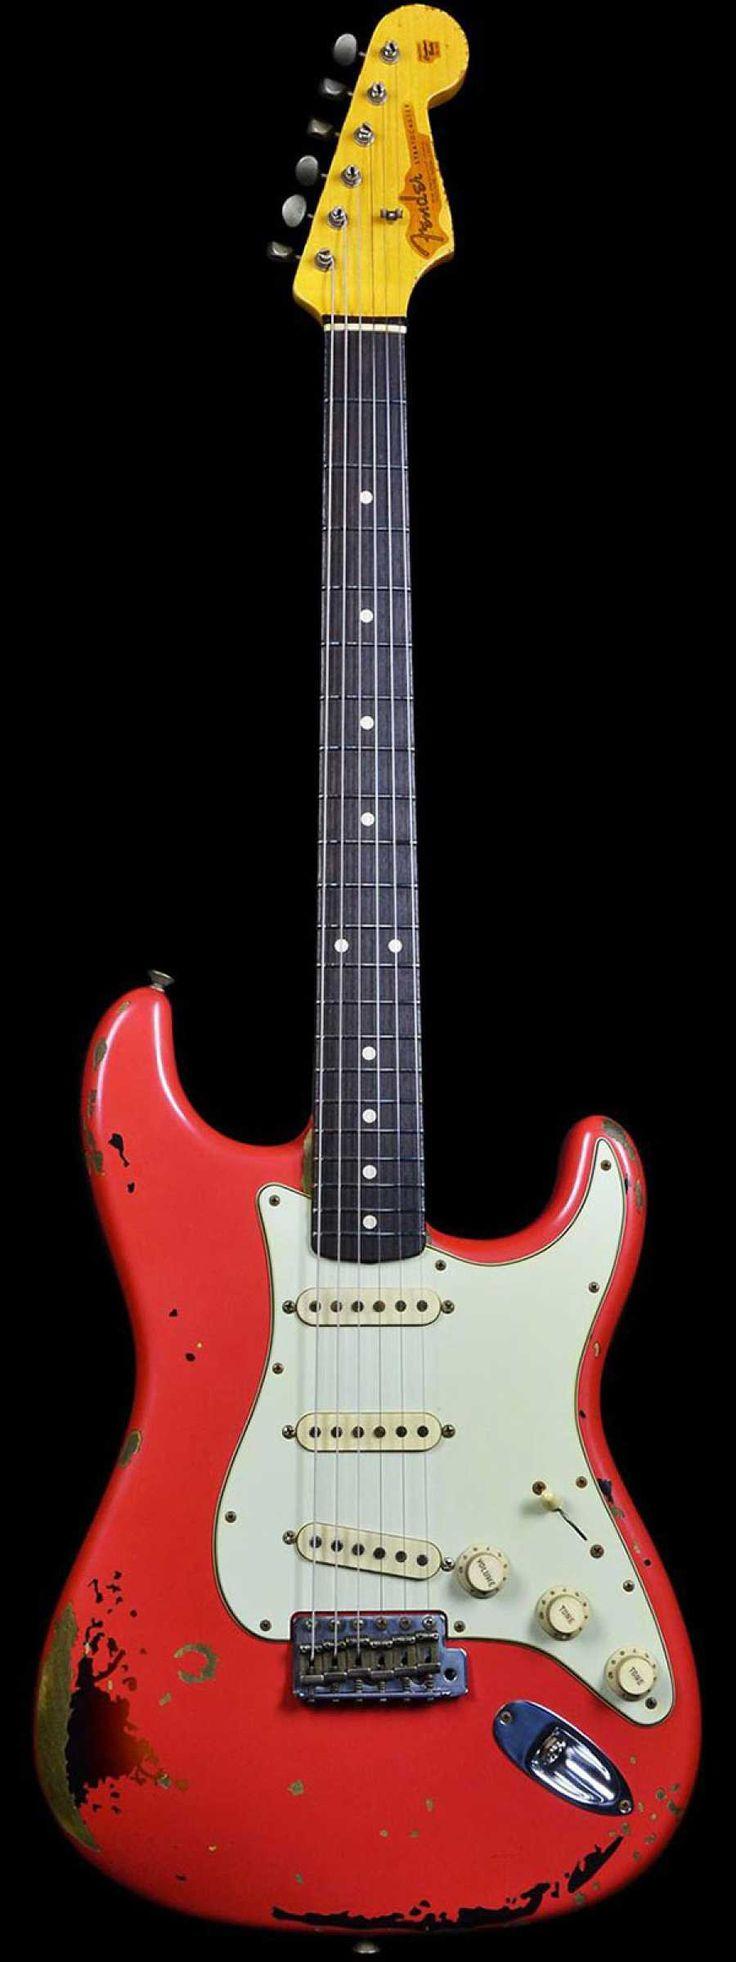 Fender Michael Landau Signature 1963 Relic Stratocaster Fiesta Red Over 3-Color Sunburst - Wild West Guitars